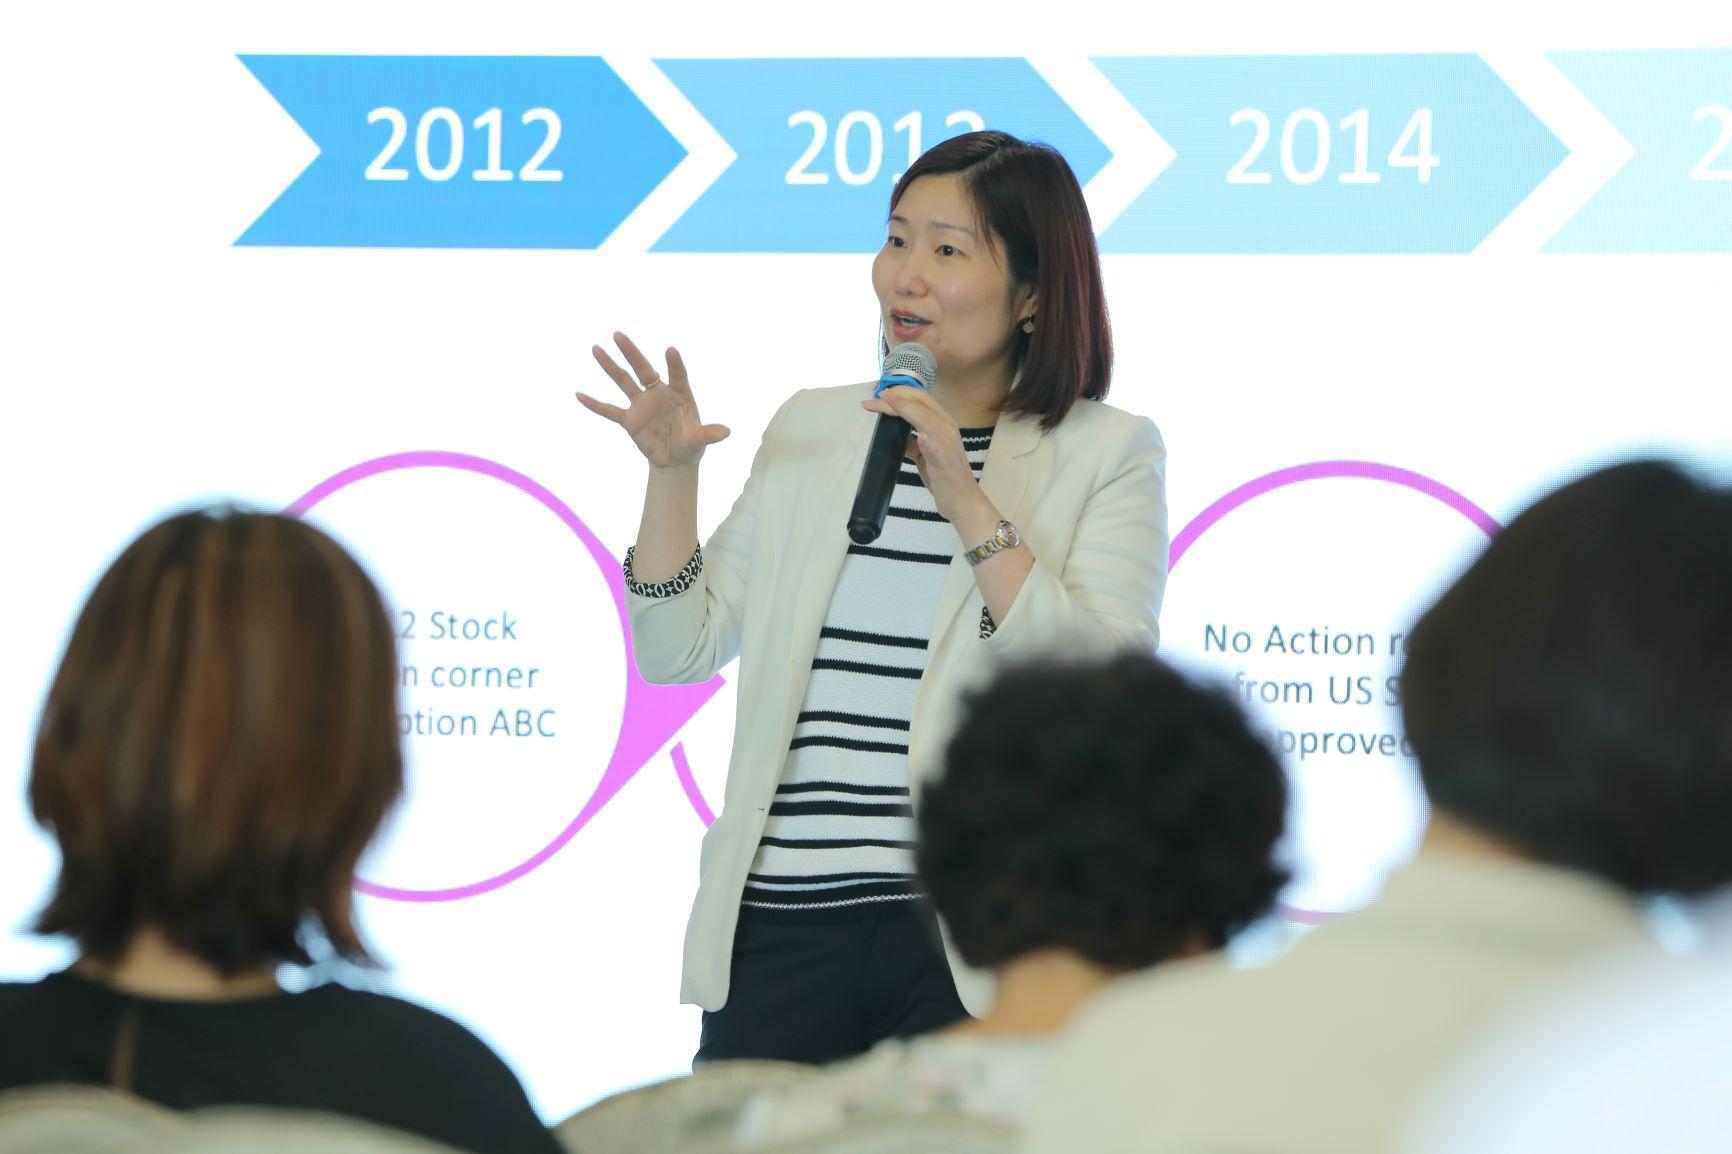 「互通金融科技有限公司」(Ix Fintech)創辦人及行政總裁黃愛玲女士